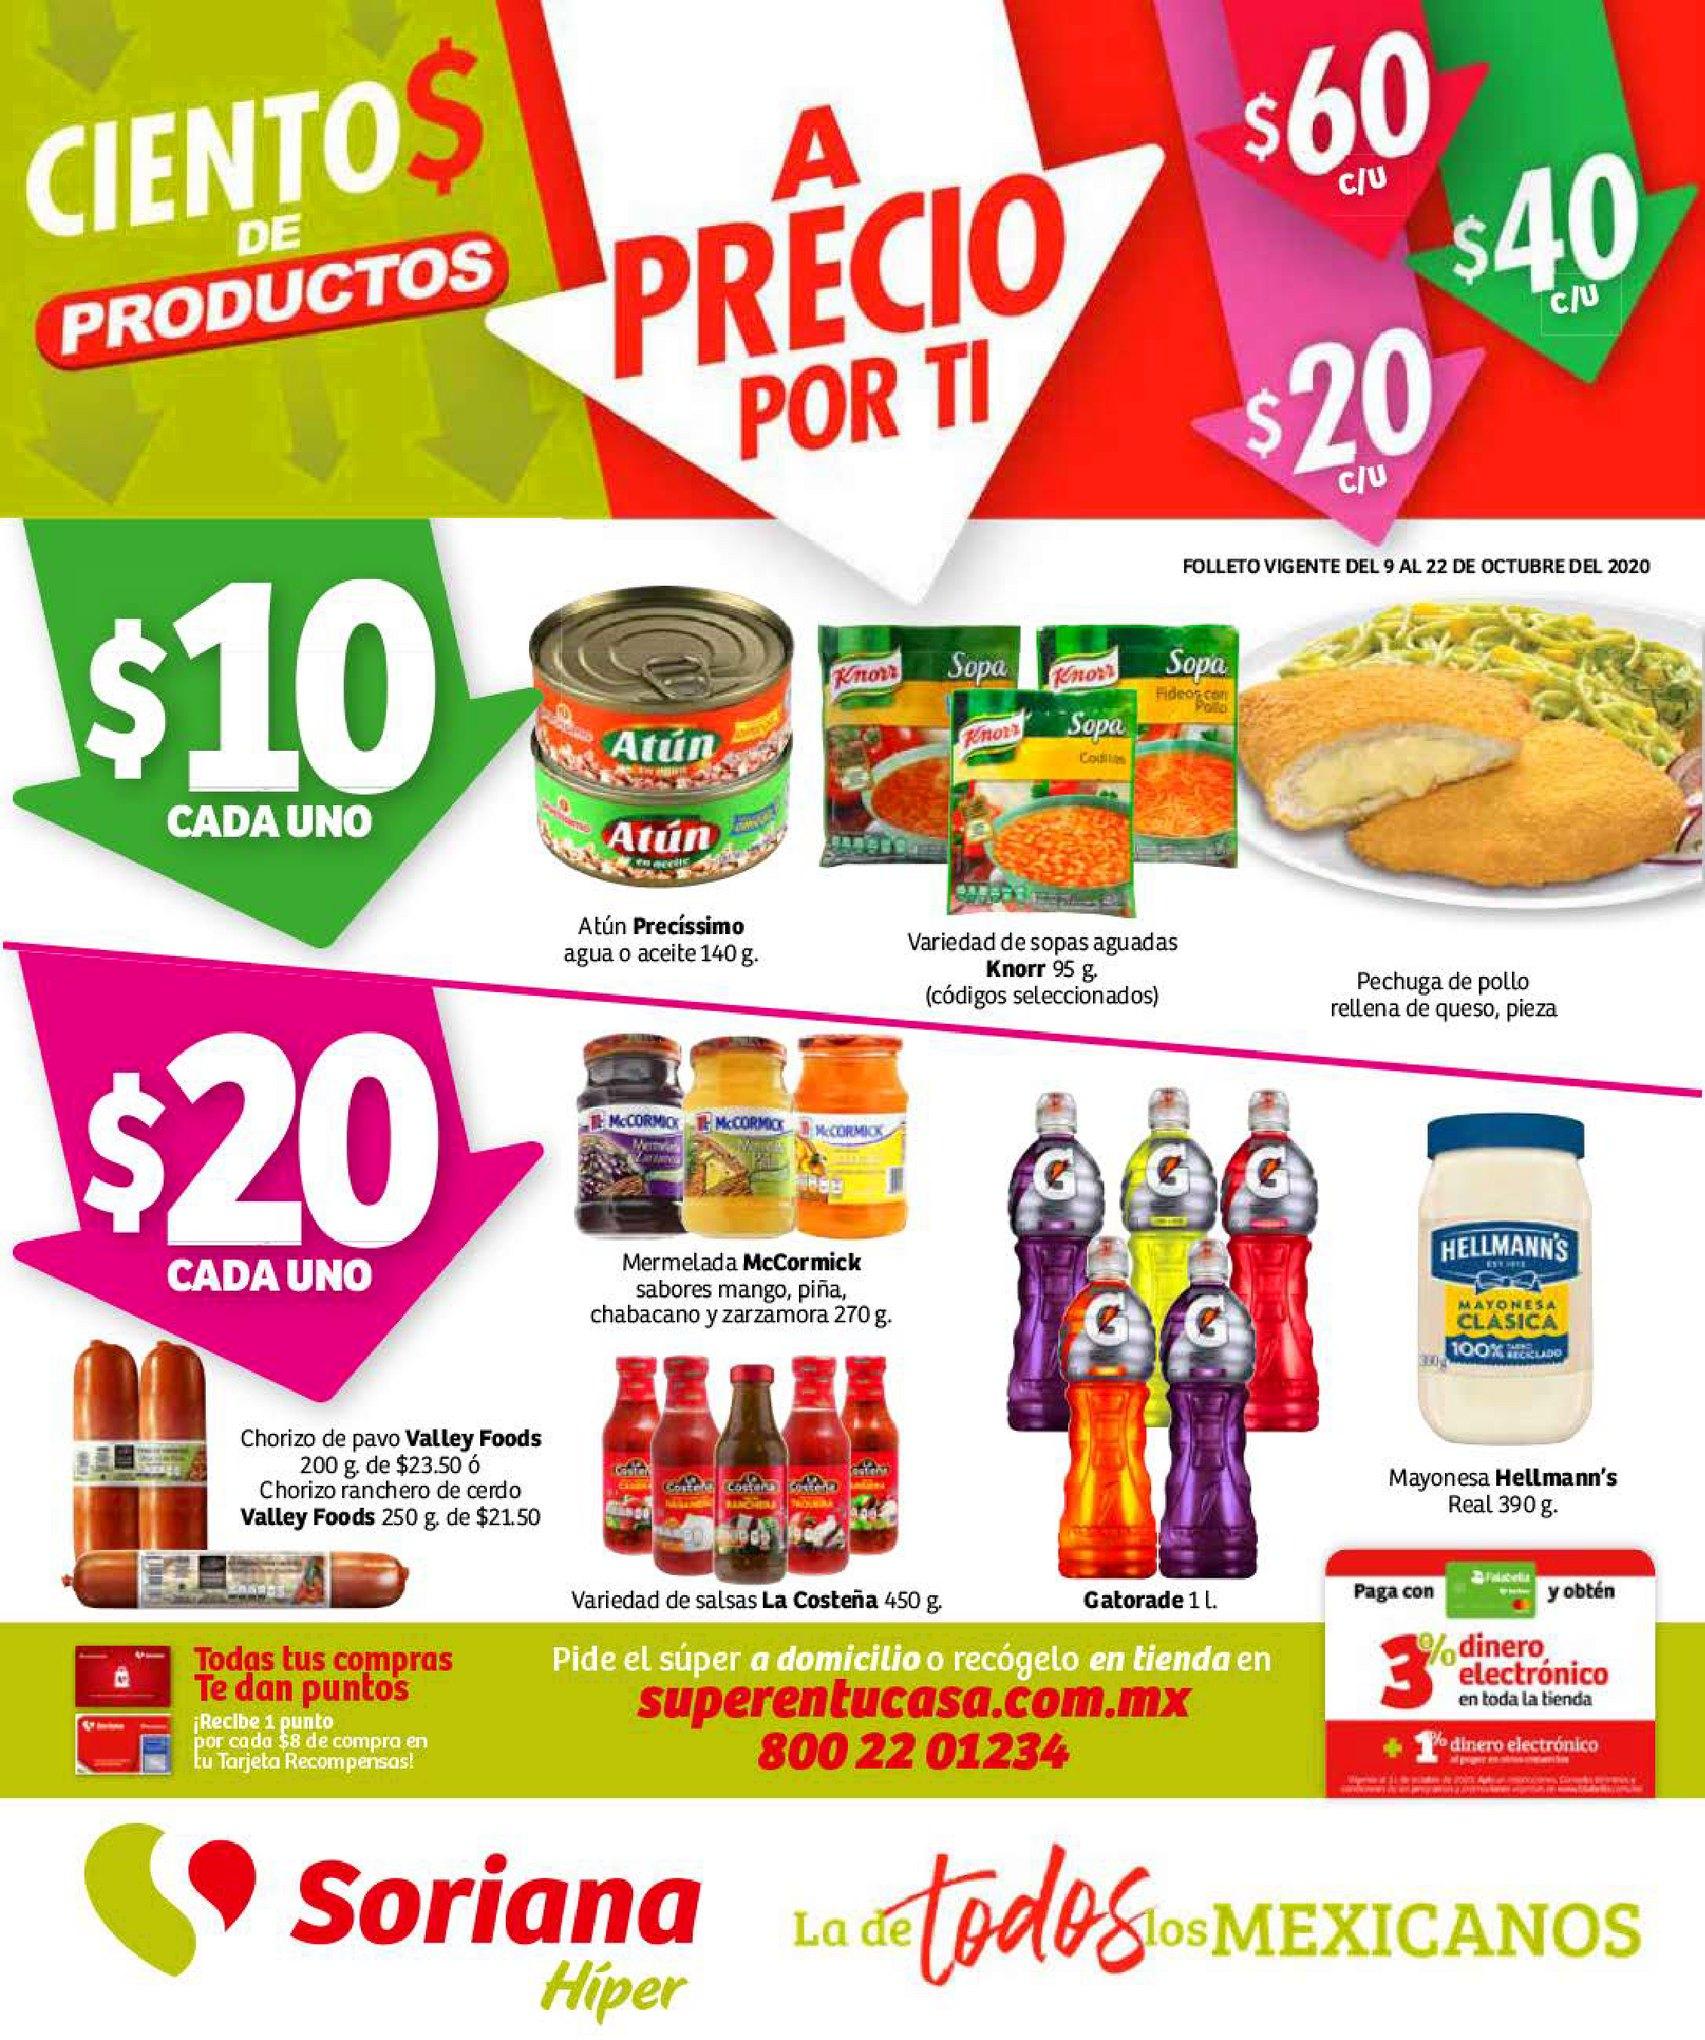 Folleto Soriana Híper Cientos de Productos del 9 al 22 de octubre 2020